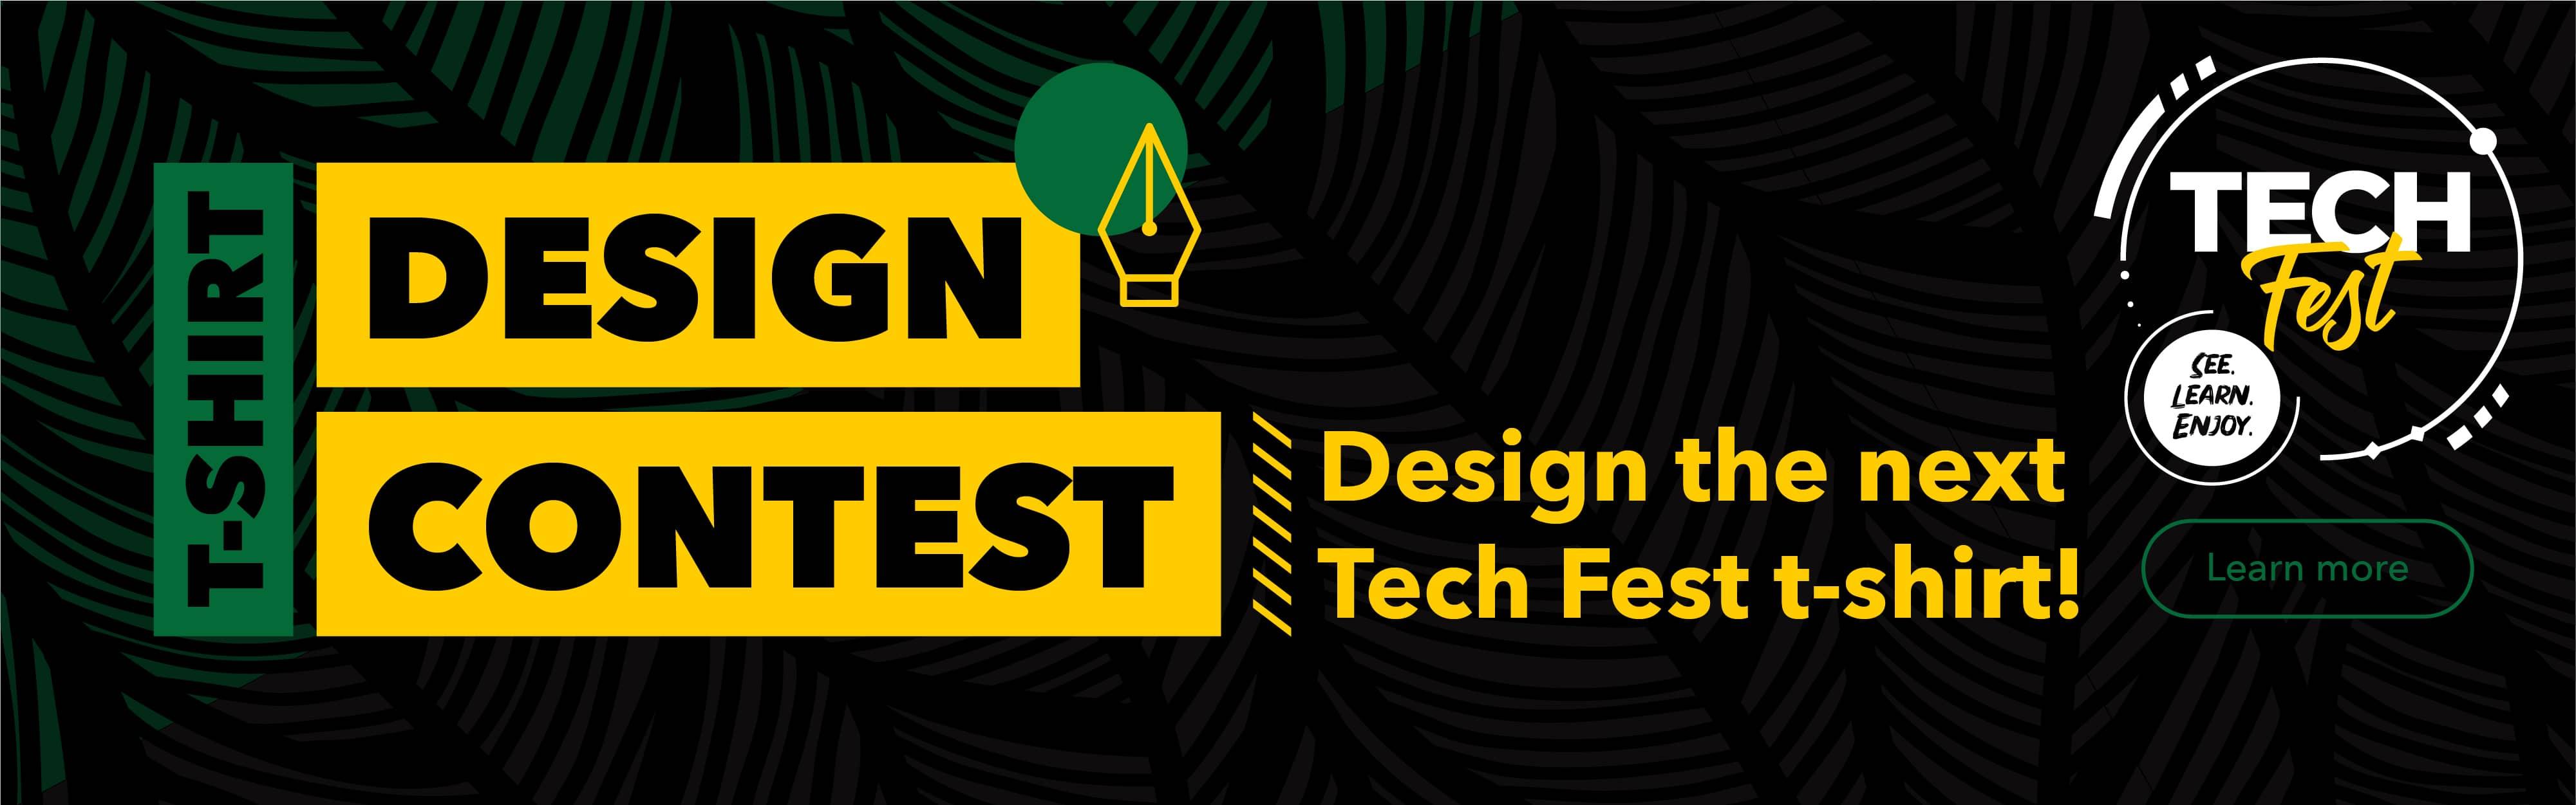 Design our next Tech Fest t-shirt!